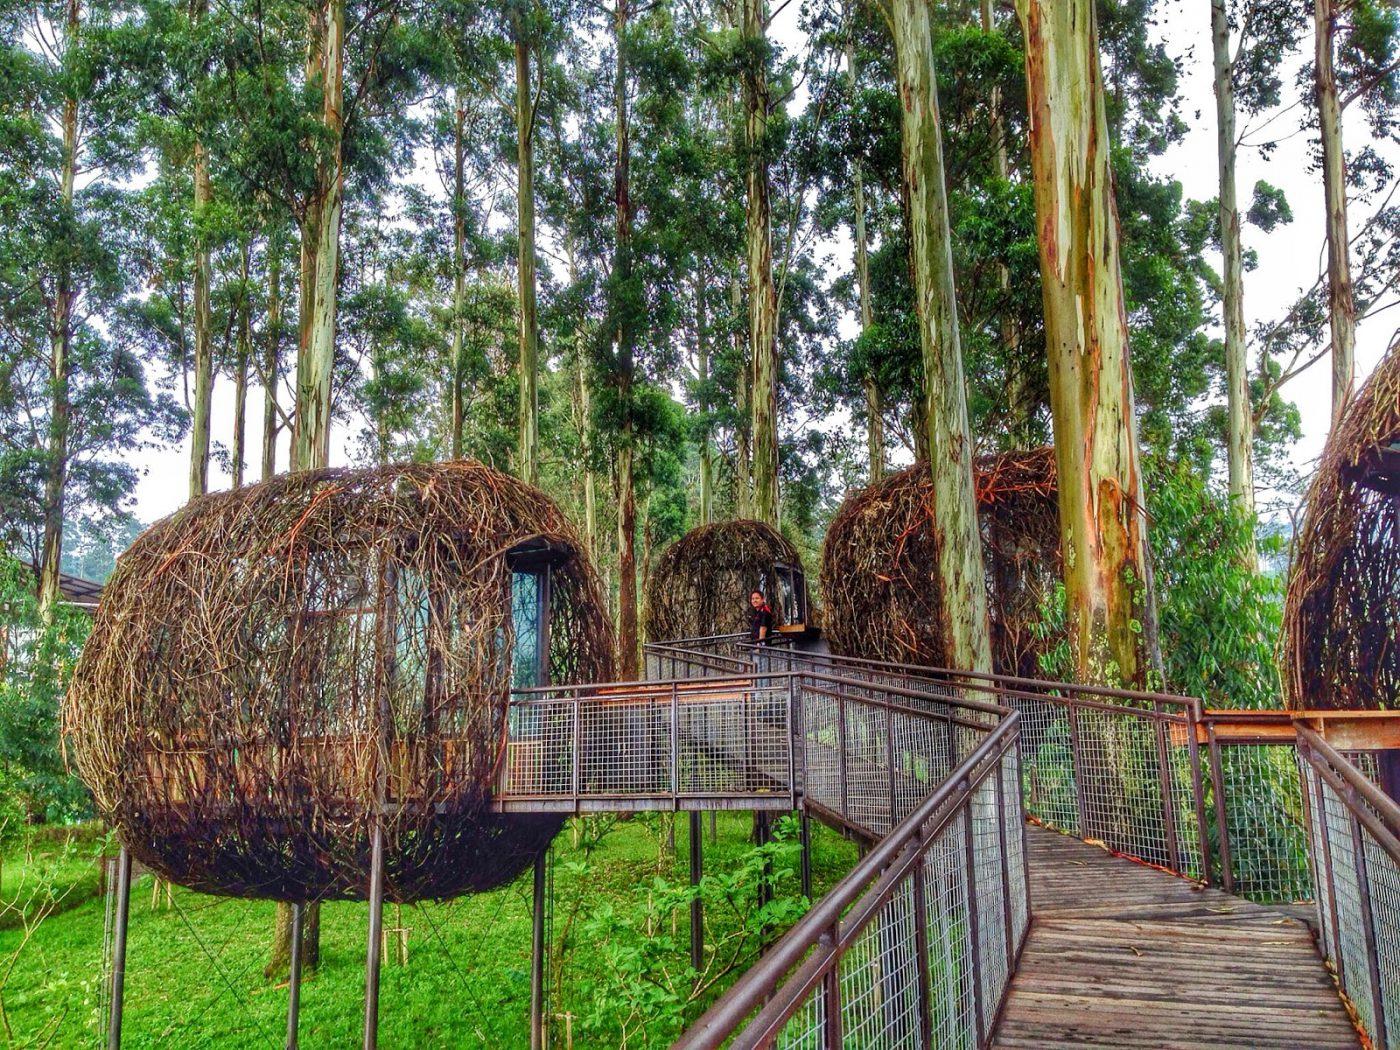 Dusun Bambu Bandung – Menyatu Dengan Alam Sambil Berwisata